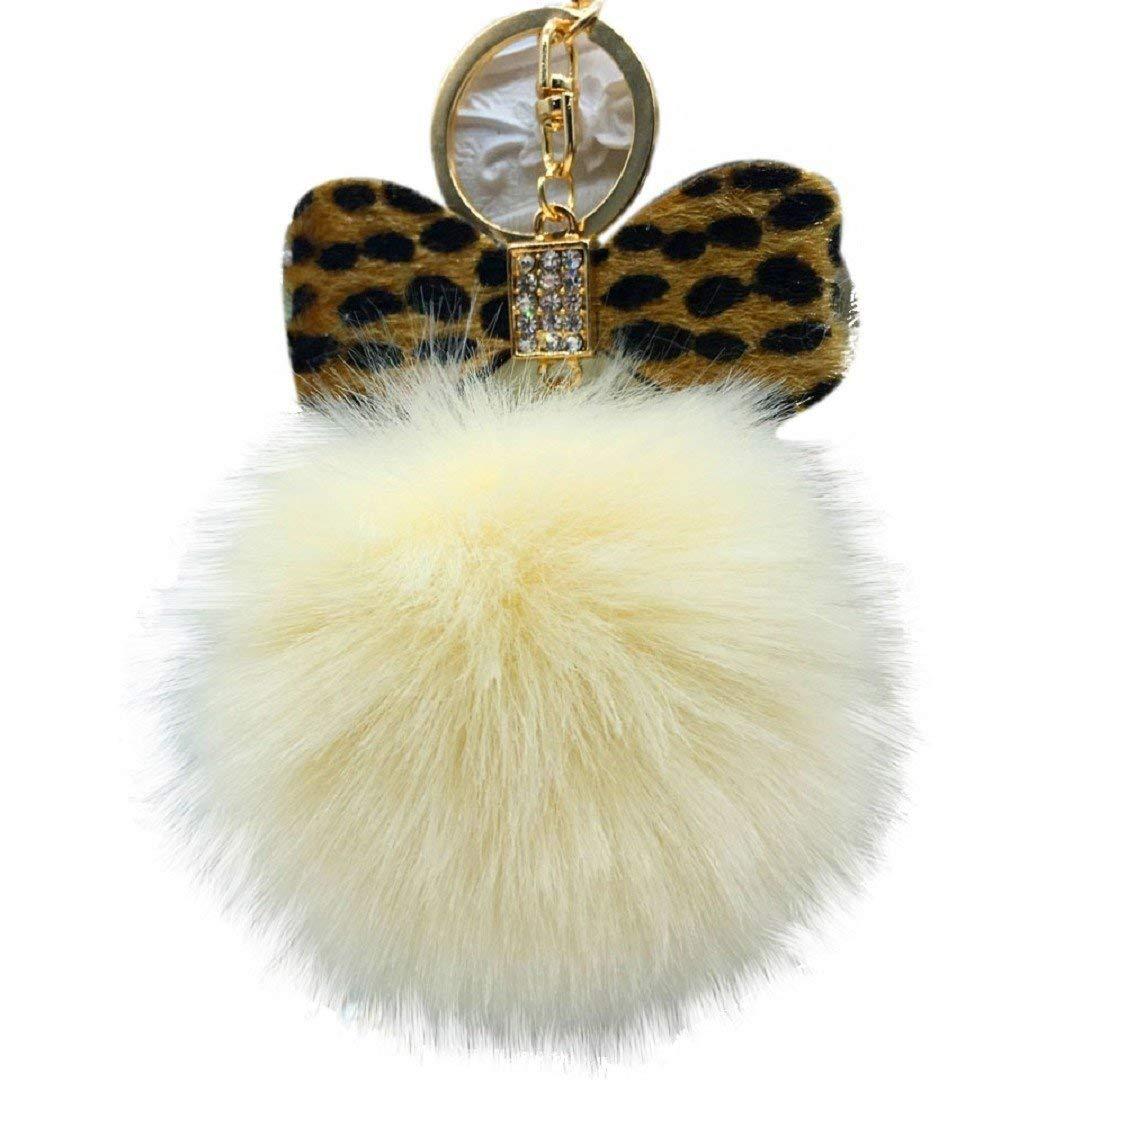 Egmy Leopard Bow Fluffy Faux Rabbit Fur Ball Bowknot Charm Car Keychain Handbag Key Ring (Yellow)